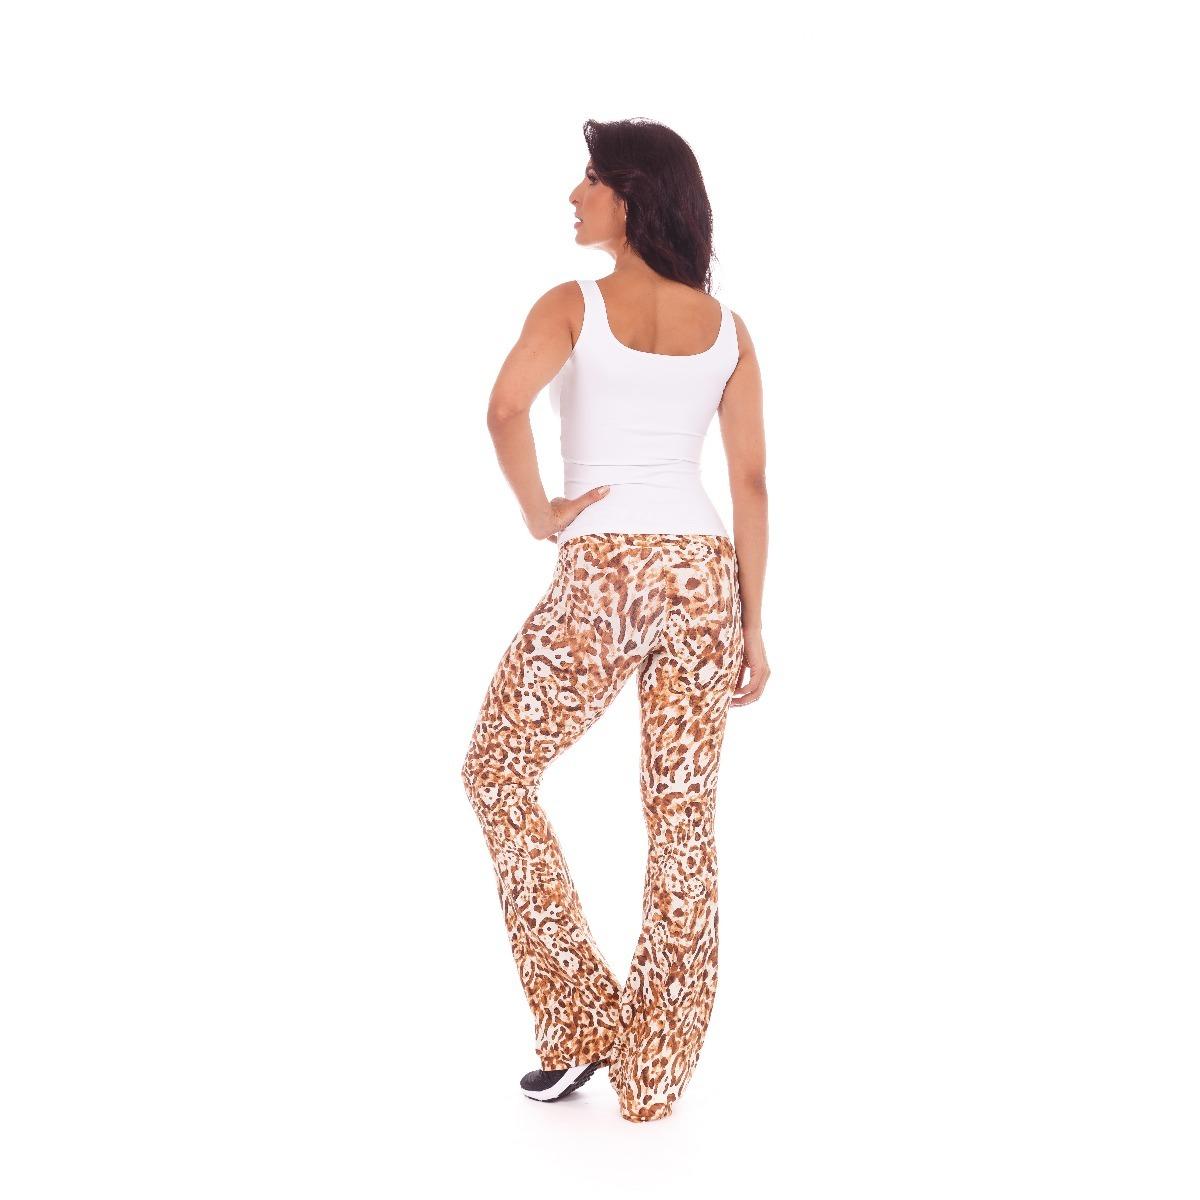 calça flare trend estampado onça - lm7 fitness wear. Carregando zoom. 62631767201